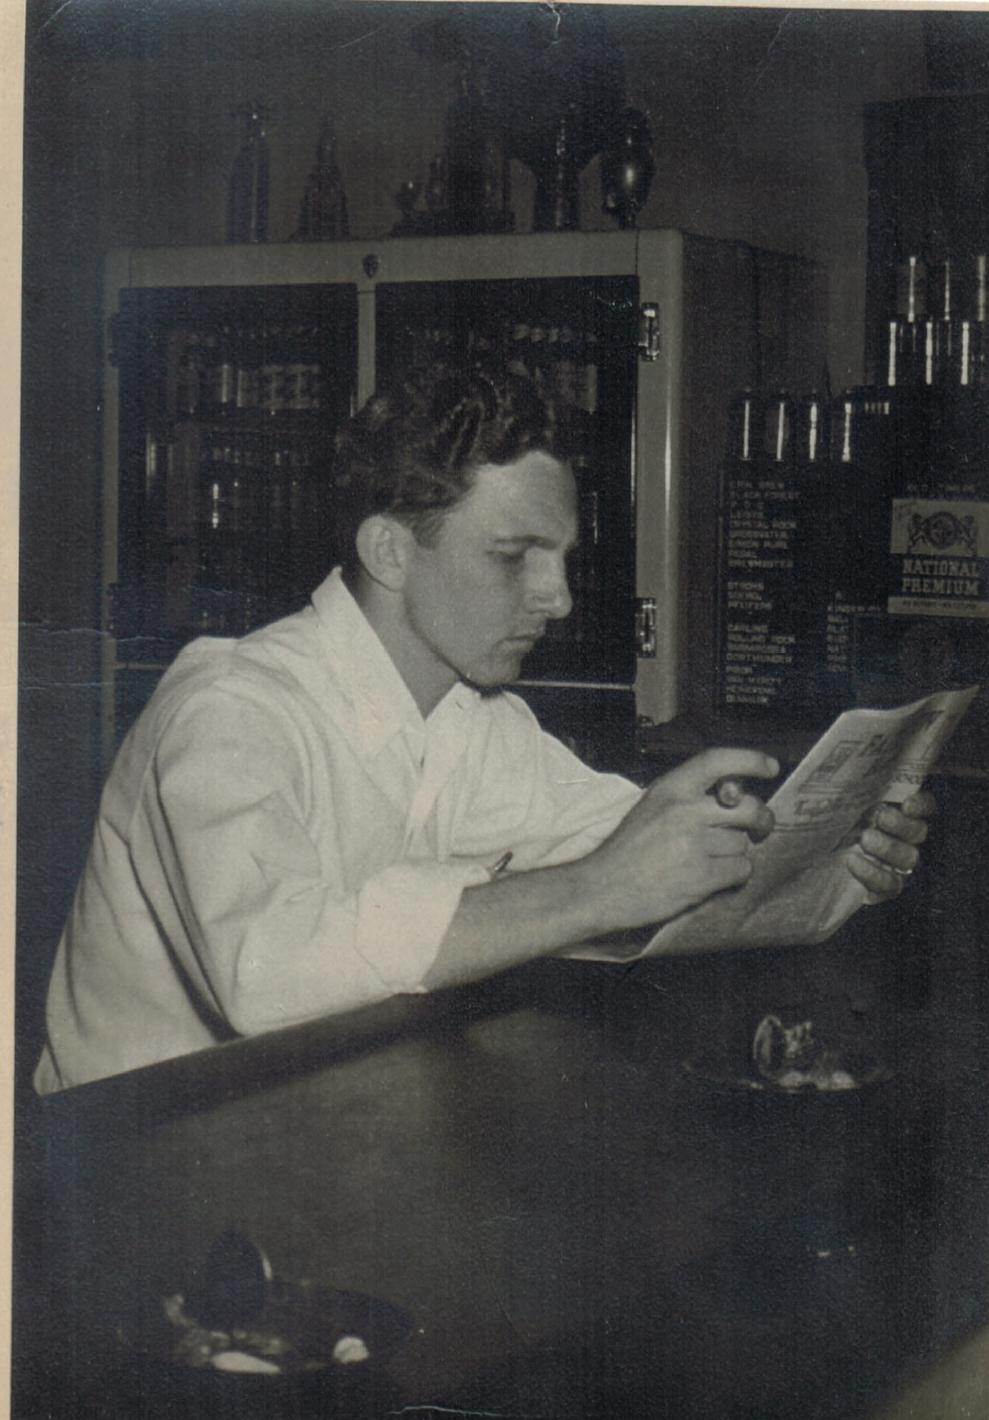 Albert Guenther, bartender